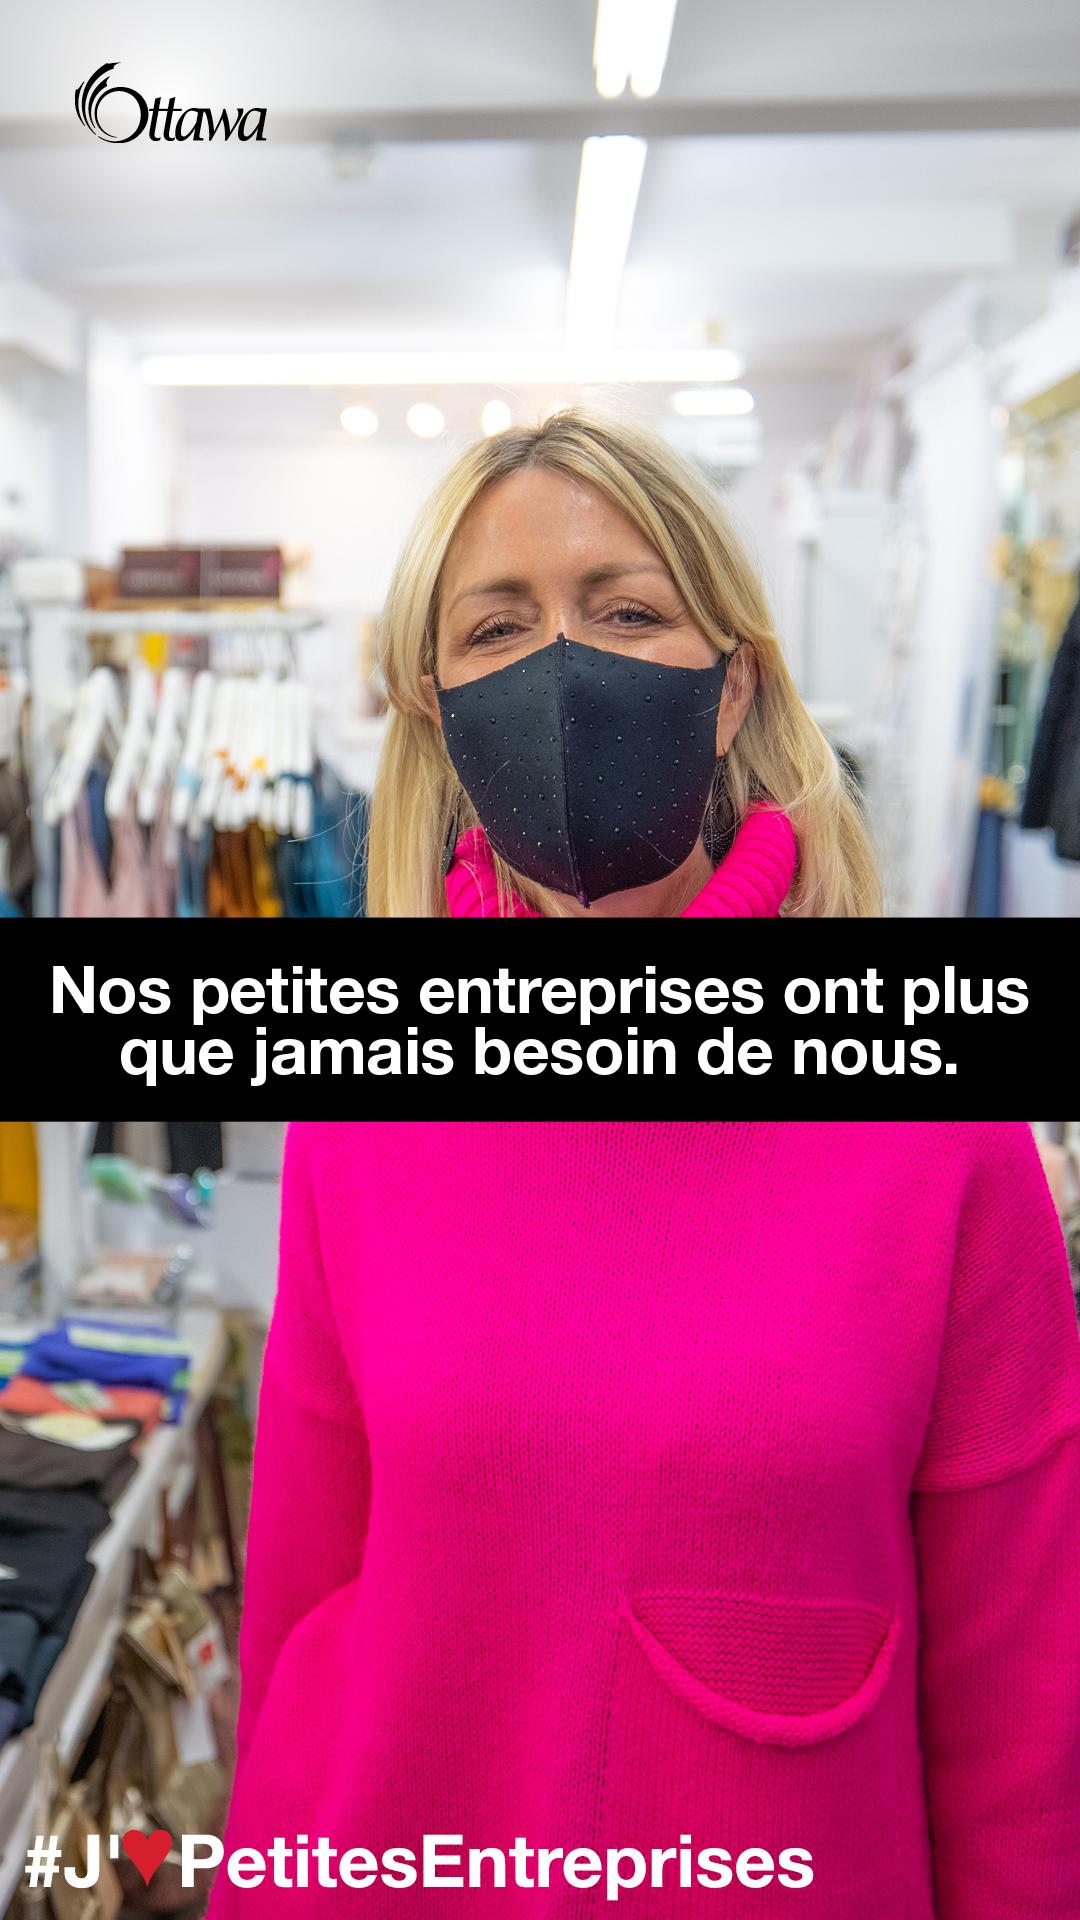 •Une femme qui porte un masque se trouve dans une boutique de vêtements. Nos petites entreprises ont plus que jamais besoin de nous.